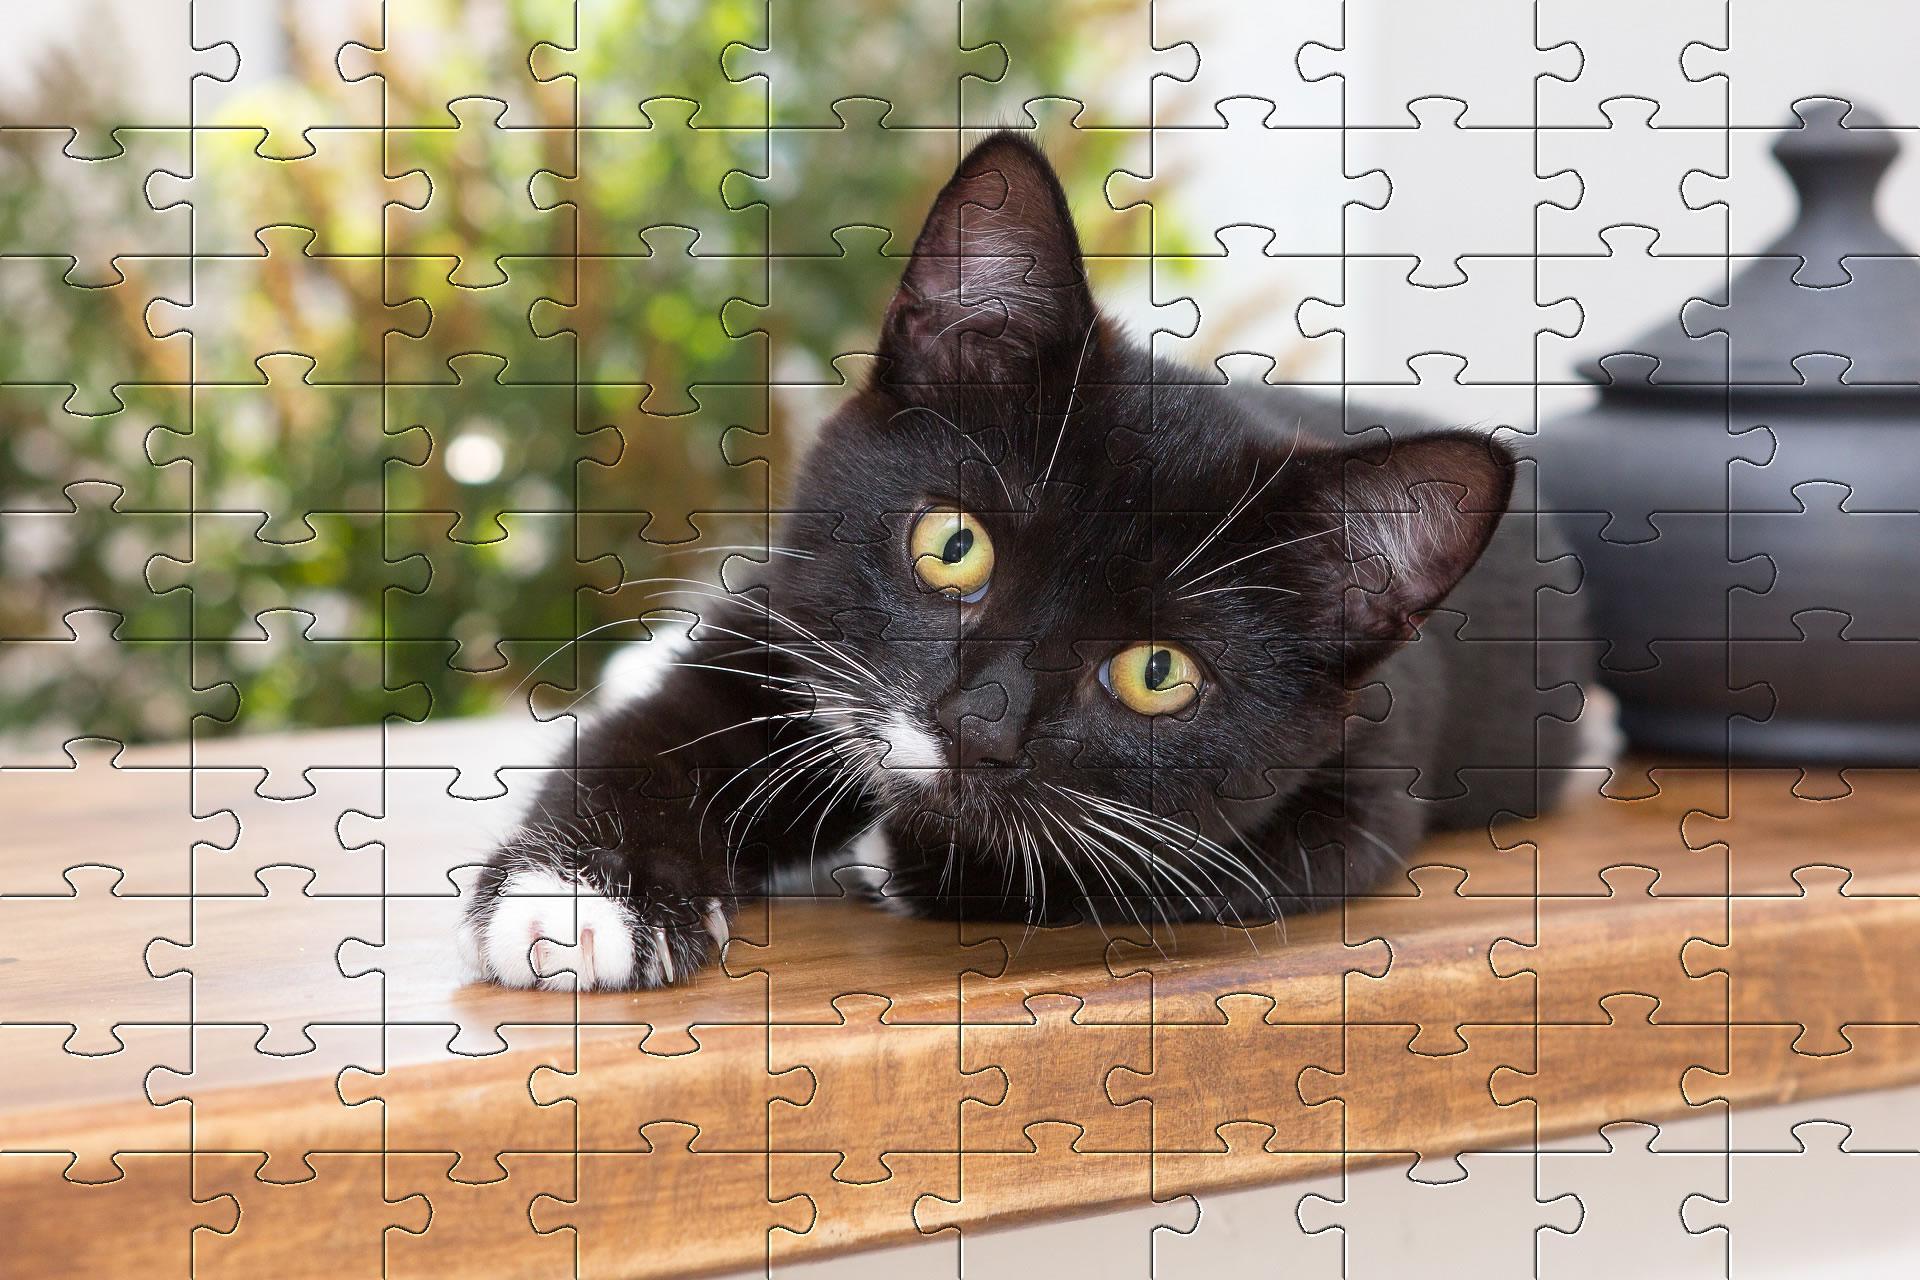 Free Jigsaw Puzzle Games - Online Jigsaw Puzzles | Puzzles avec Puzzle Photo Gratuit